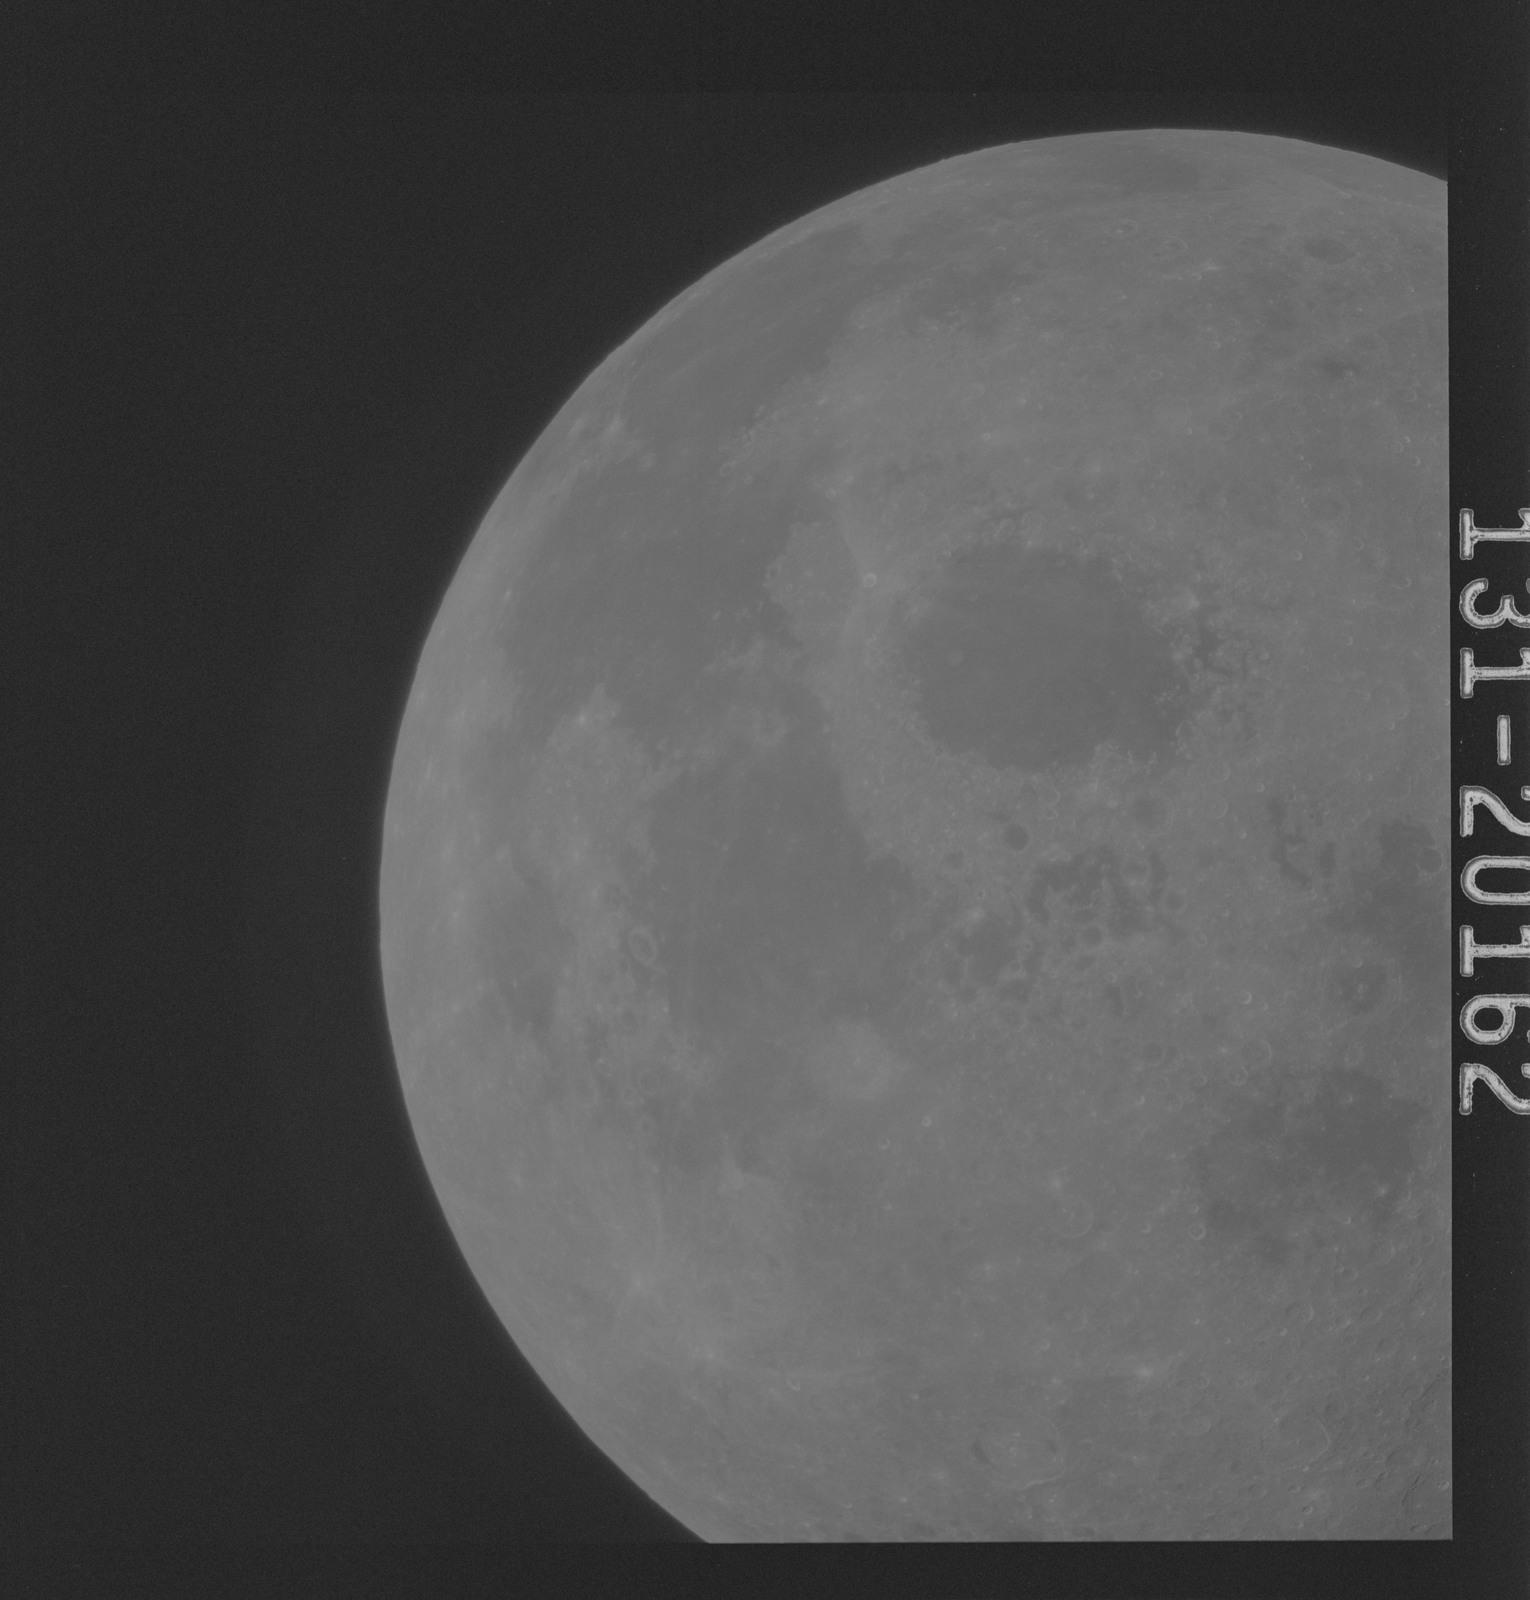 b2b48f8894 AS16-131-20162 - Apollo 16 - Apollo 16 Mission Image - Ultraviolet view